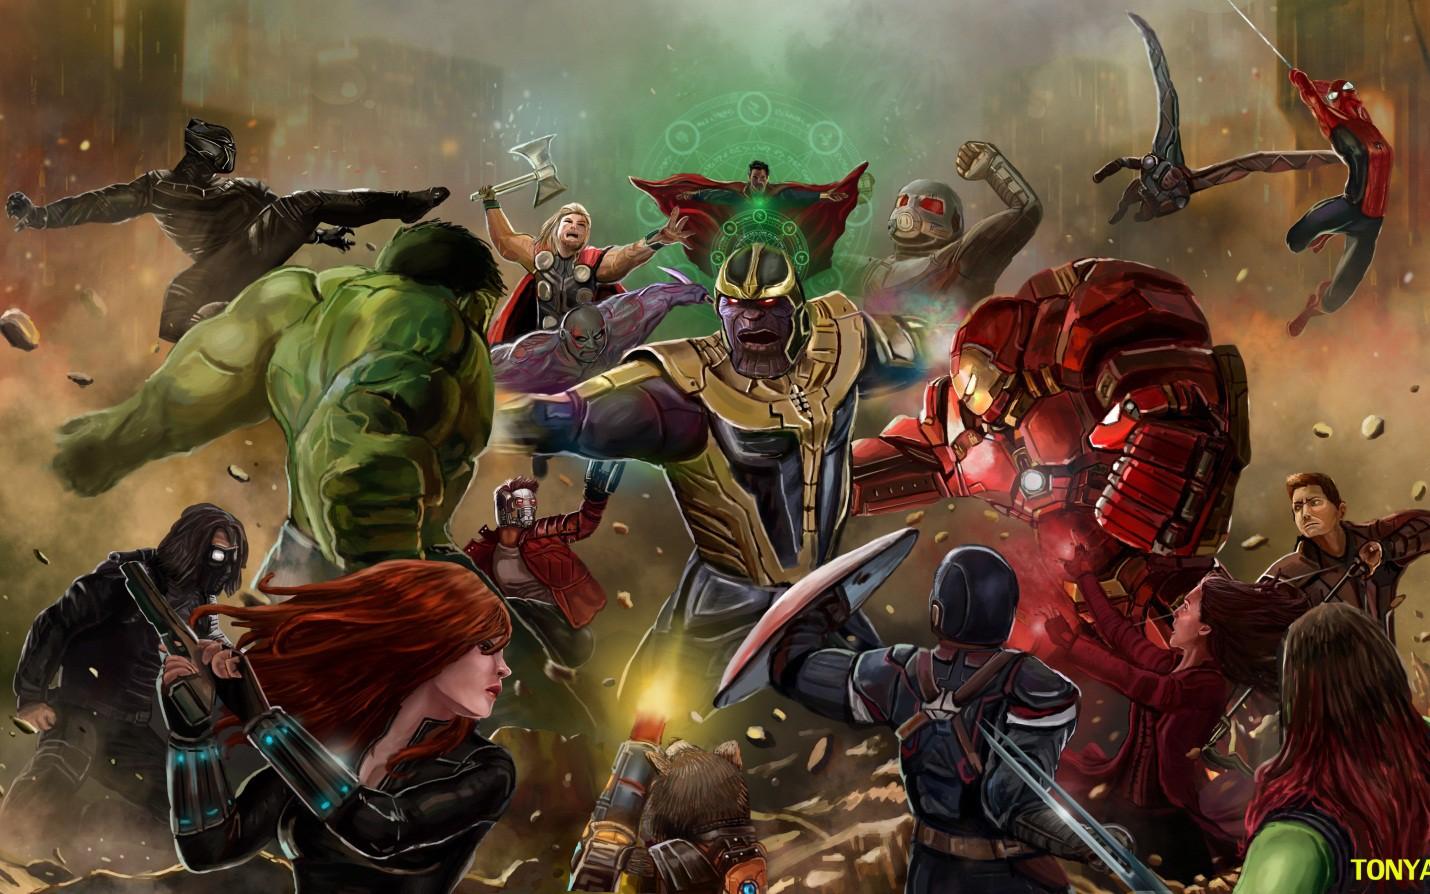 Hết hồn danh sách bại tướng dưới tay Thanos: Không chỉ mỗi nhóm Avengers, mà còn cả một bầu trời quái kiệt - Ảnh 1.